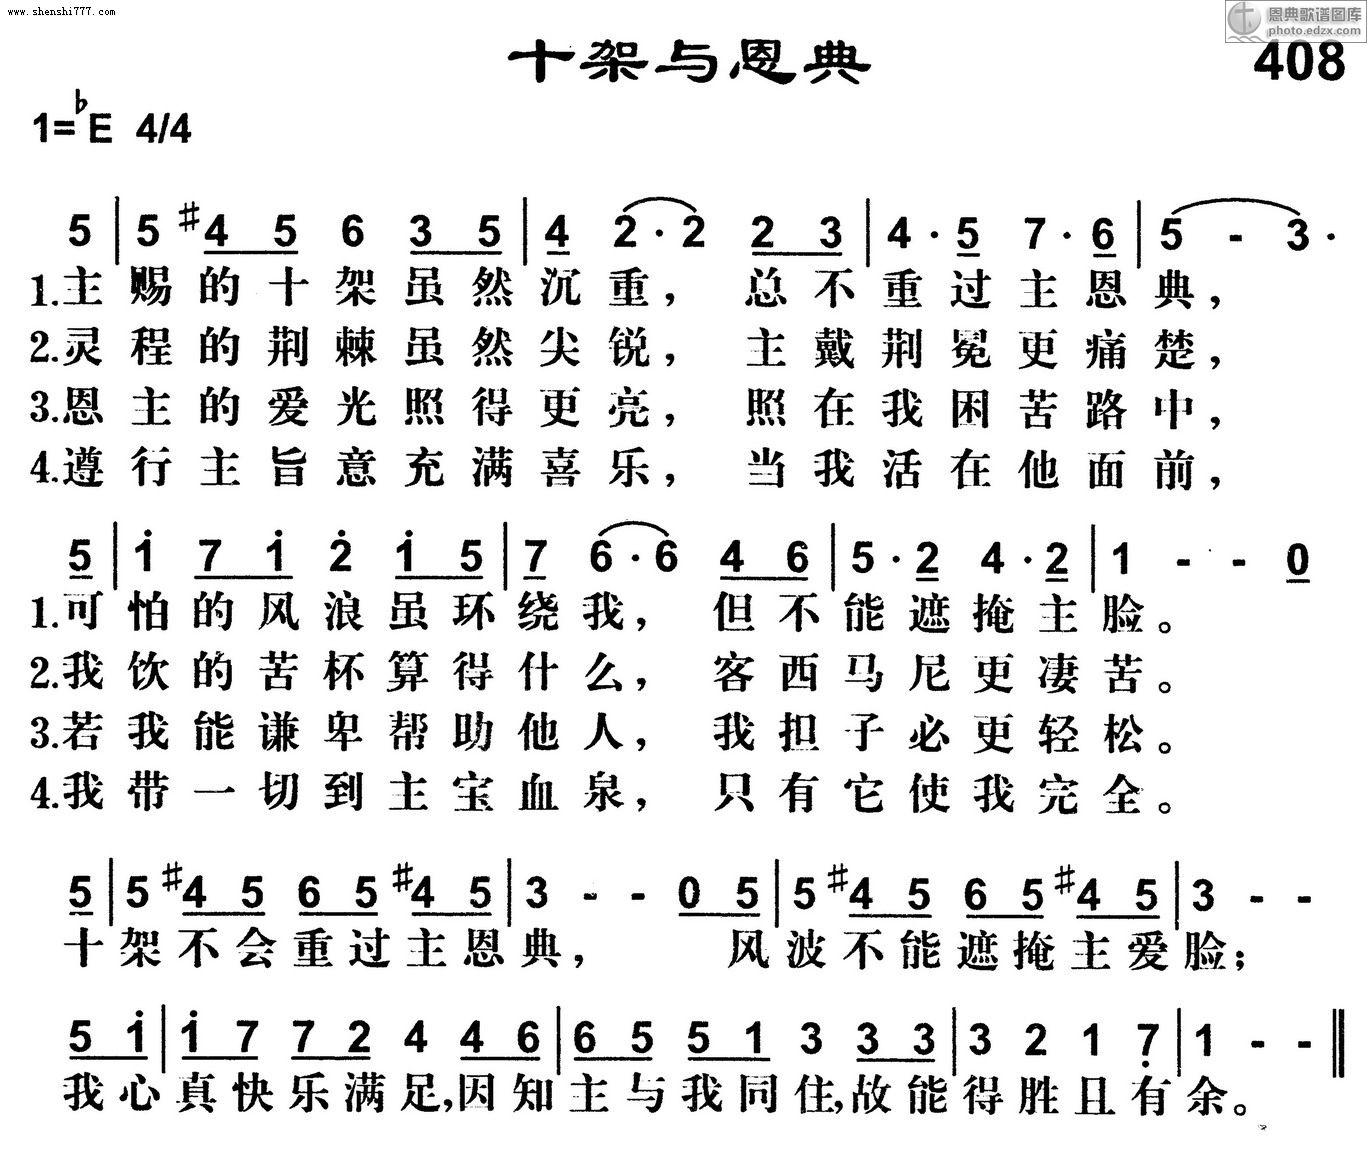 408首十架与恩典 基督教歌谱赞美诗歌谱